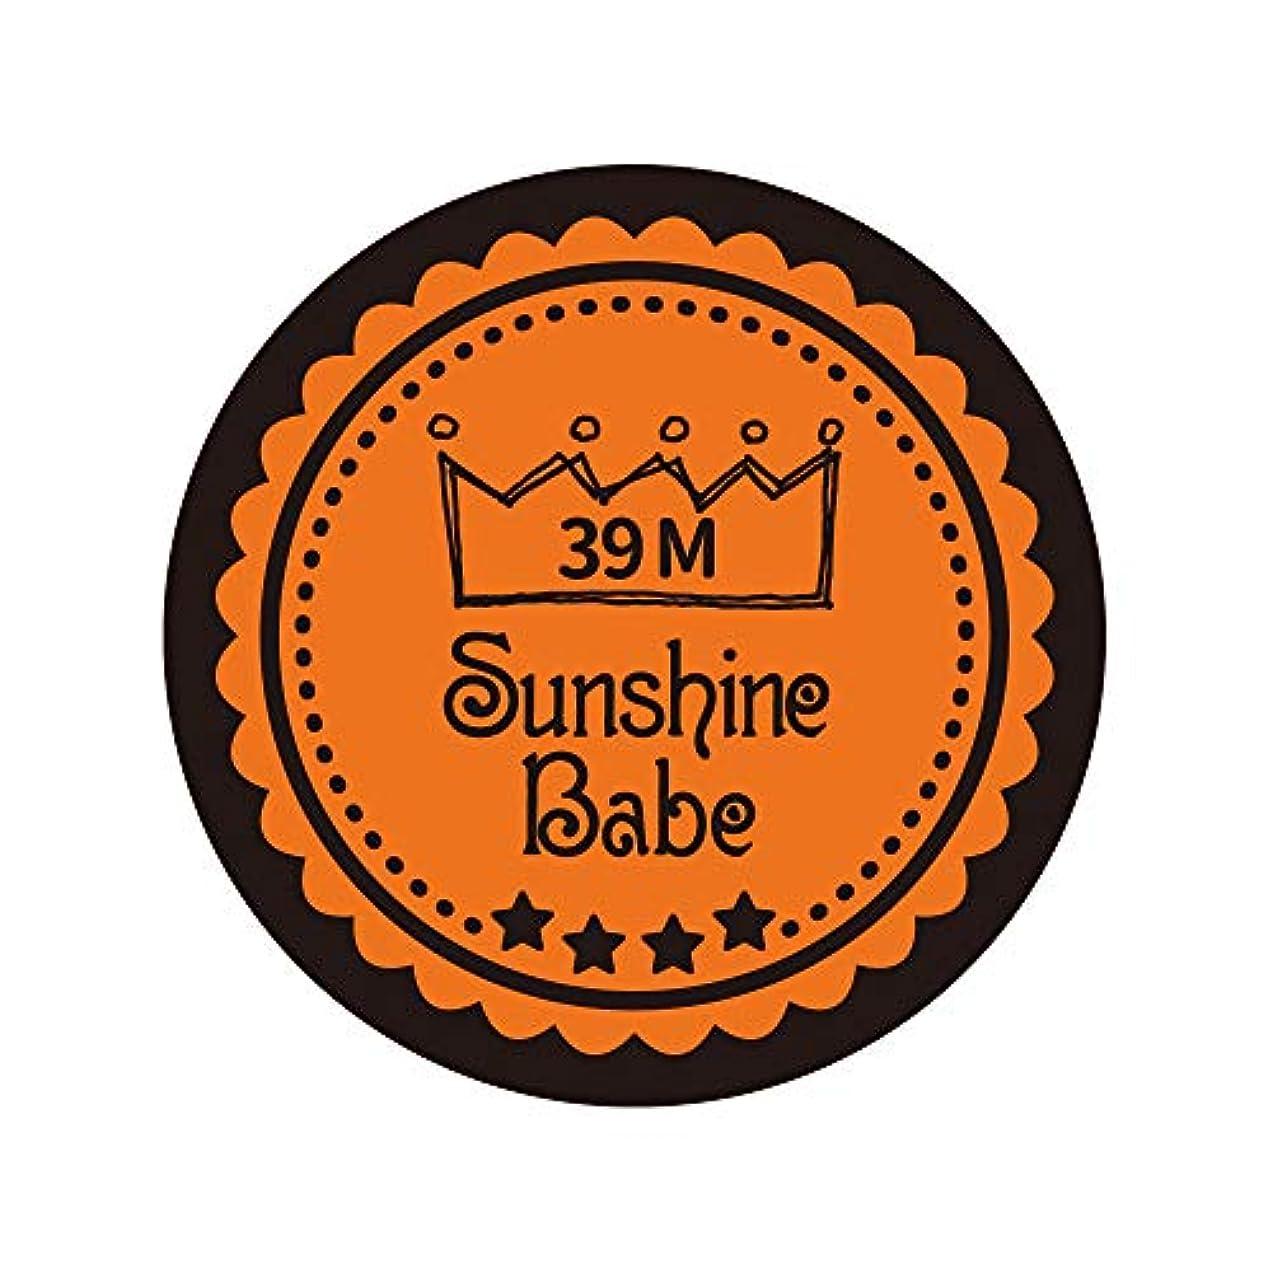 感情の怒っている絡み合いSunshine Babe カラージェル 39M ラセットオレンジ 2.7g UV/LED対応